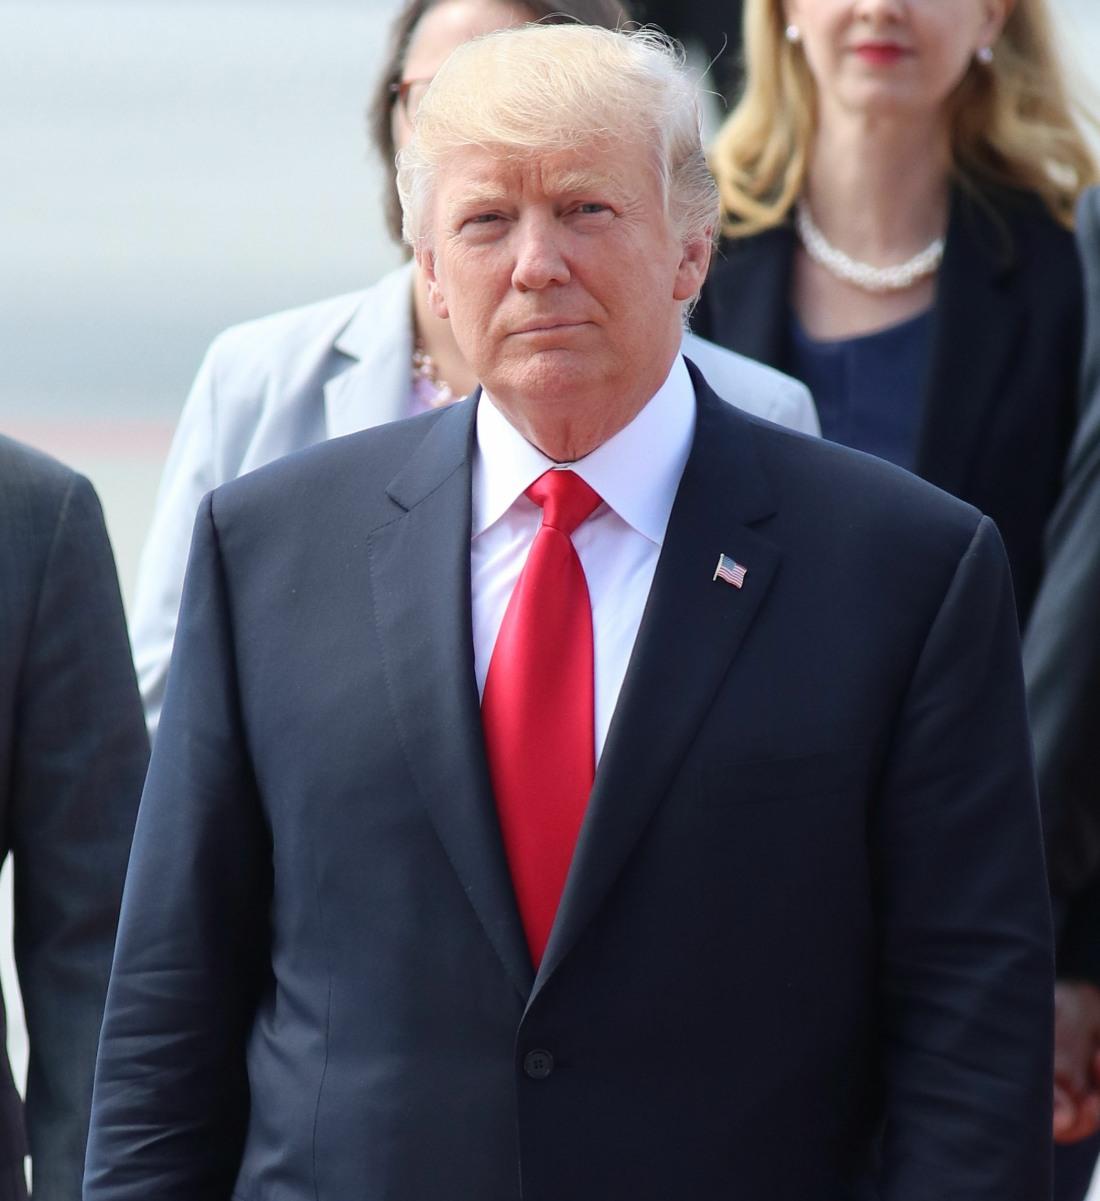 G20 summit in Hamburg - Airport Arrivals